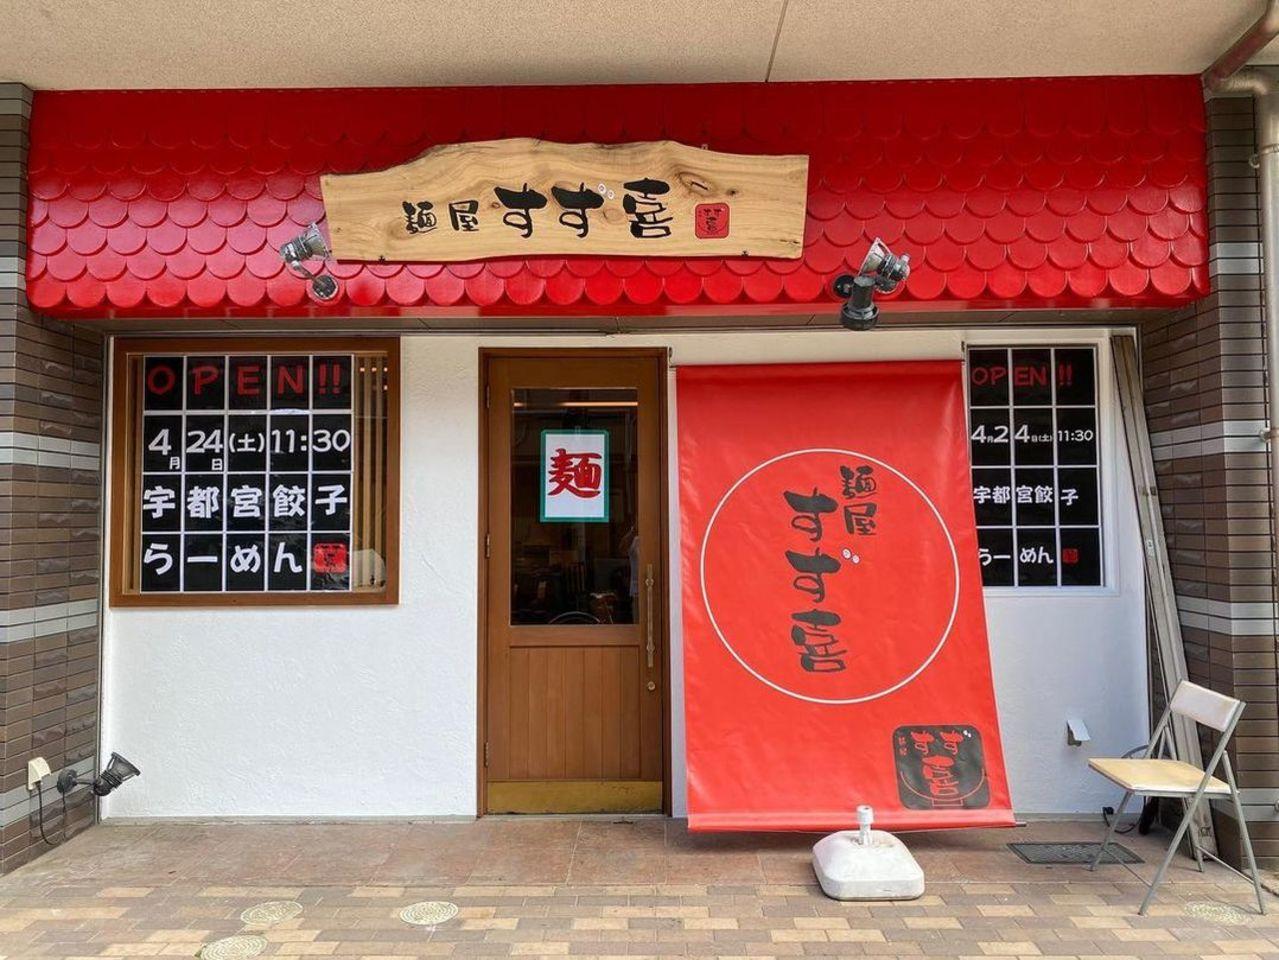 福岡県福岡市博多区住吉に「麺屋 すず喜」が本日グランドオープンのようです。